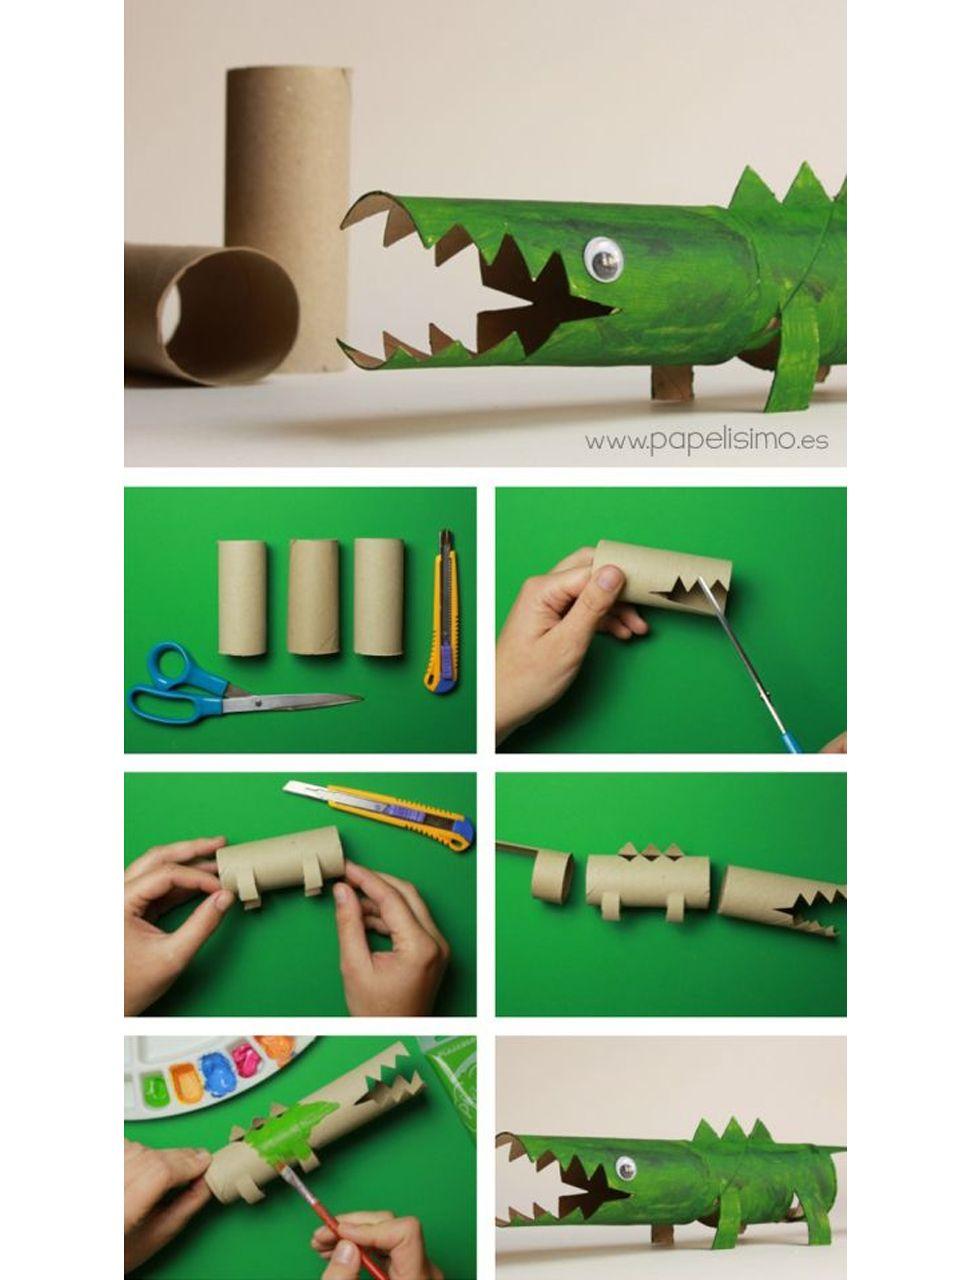 88 s per manualidades con rollos de papel higi nico diy - Manualidades con rollos de papel higienico para navidad ...